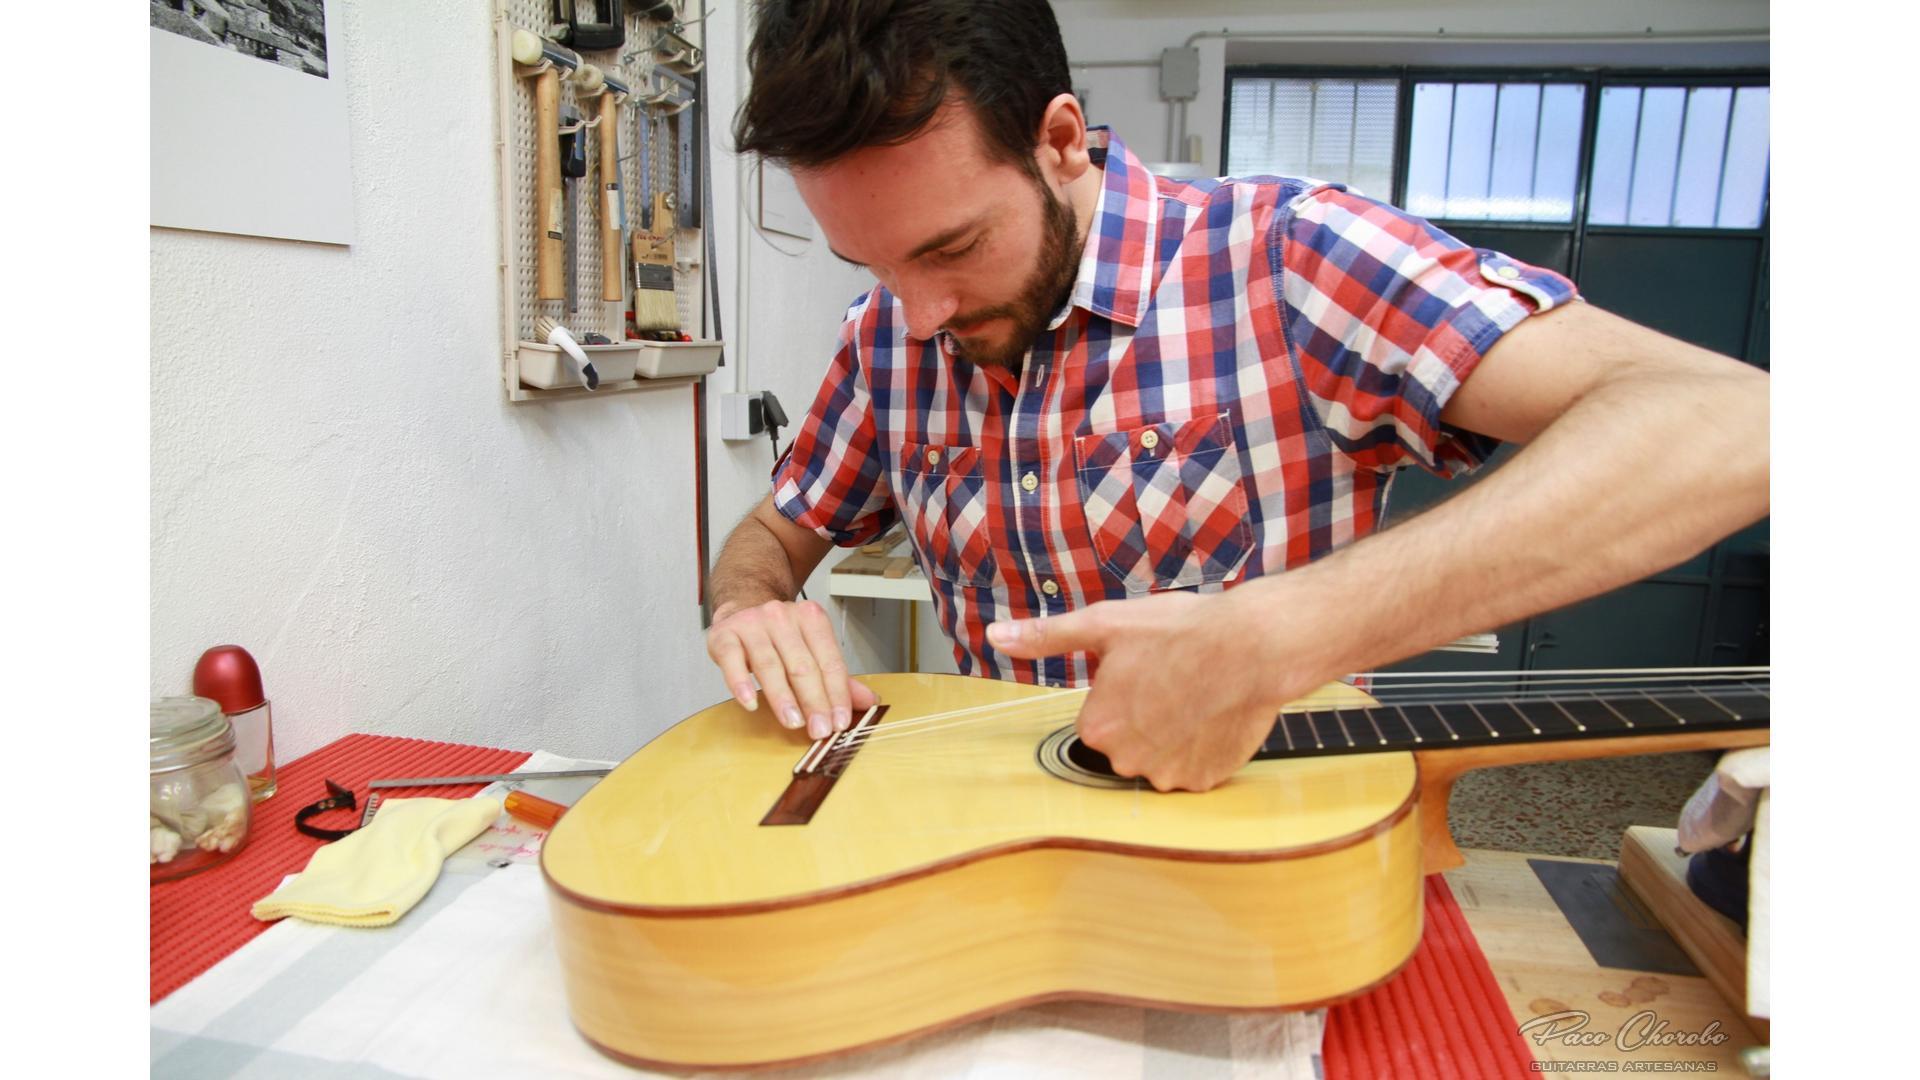 Paco Chorobo Flamenca 26 Ajustando